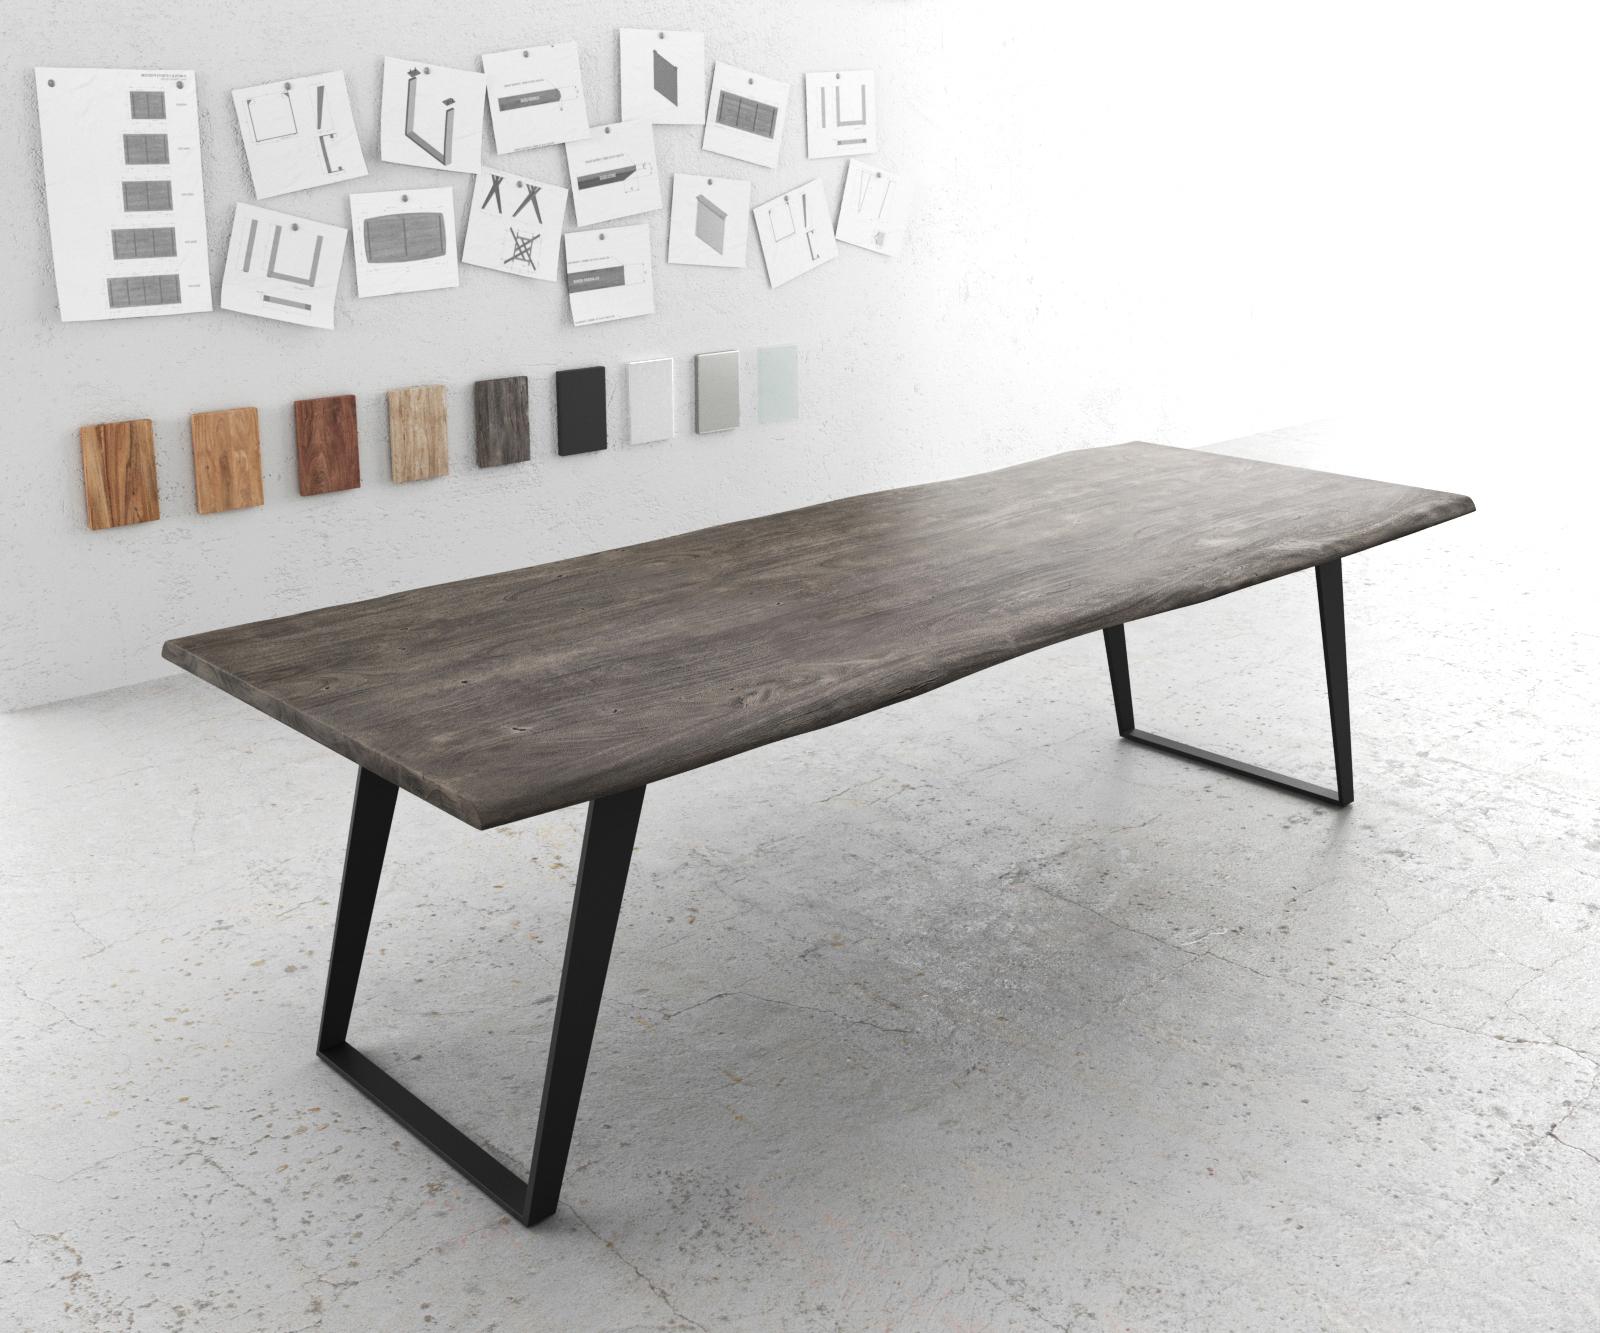 Baumtisch Live-Edge 260x100 Akazie Platin Platte 3,5cm Gestell schräg schwarz